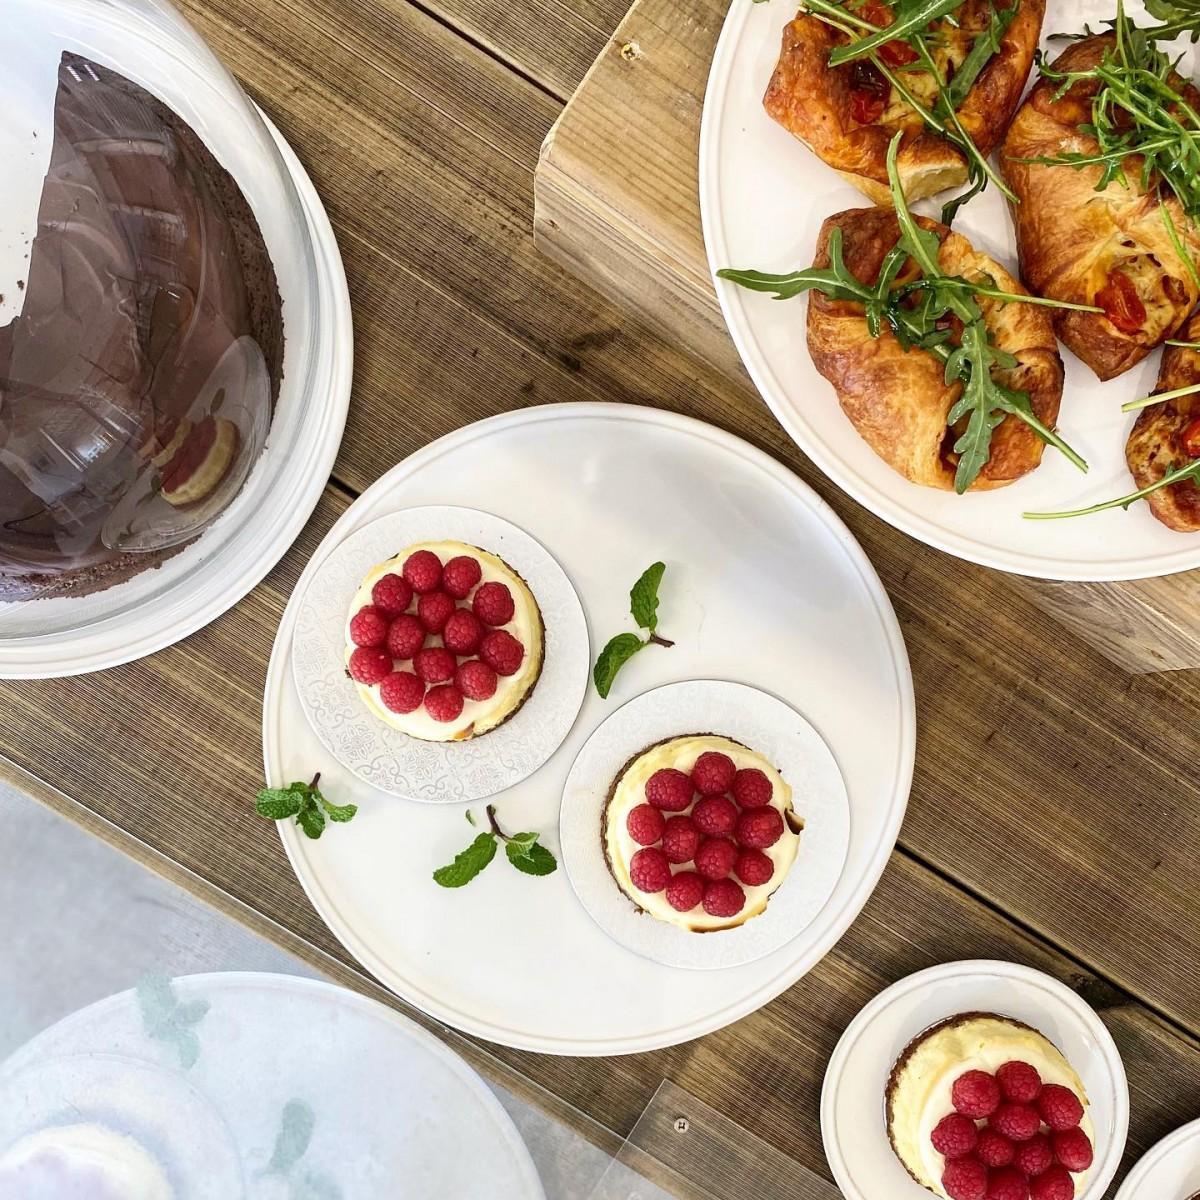 Top 10 Restaurants in the Cape Overberg Region